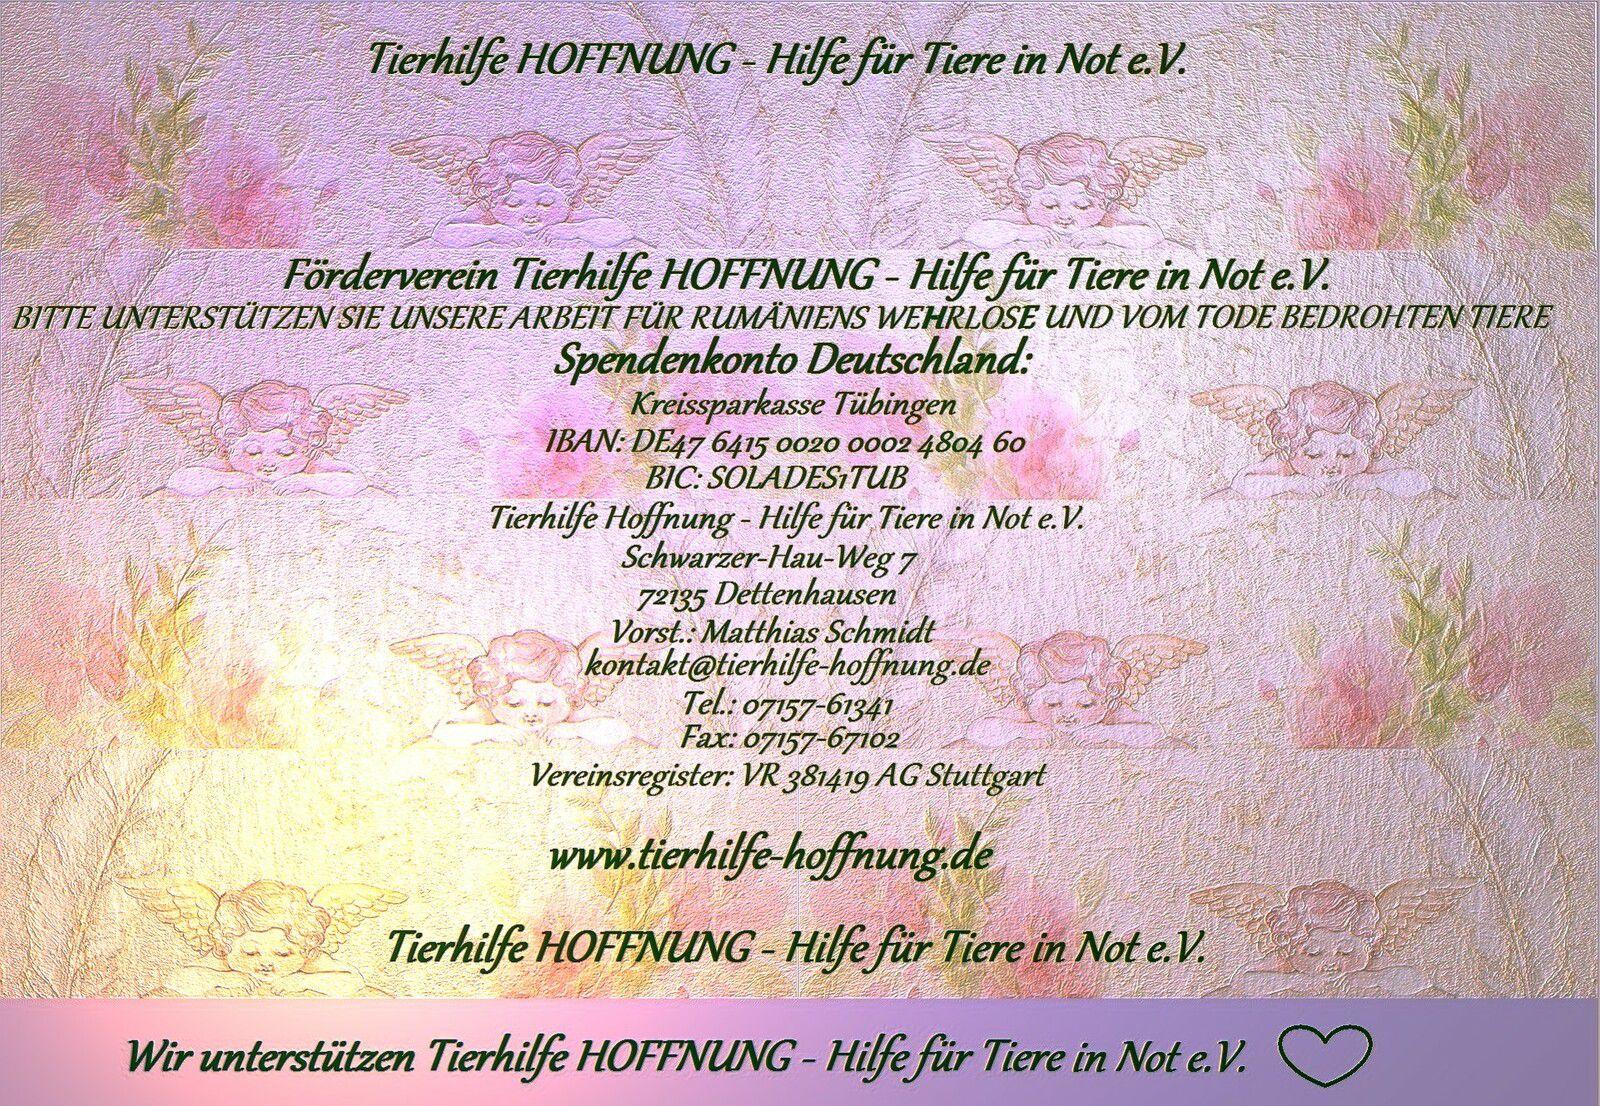 TIERHILFE HOFFNUNG e.V.